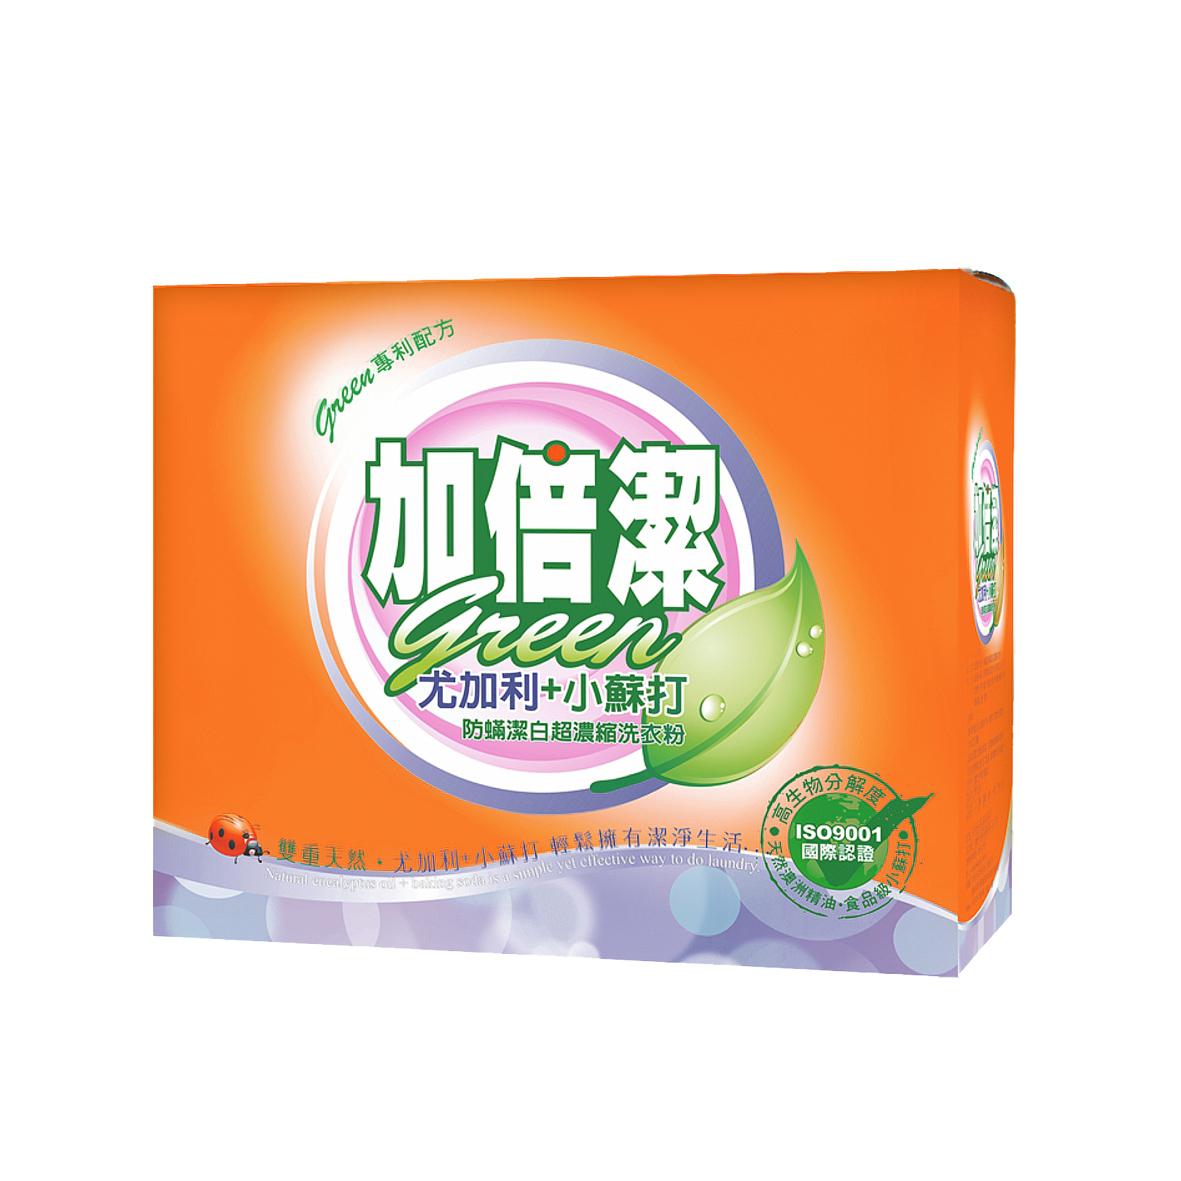 加倍潔尤加利防蹣潔白洗衣粉1.5kg(盒)